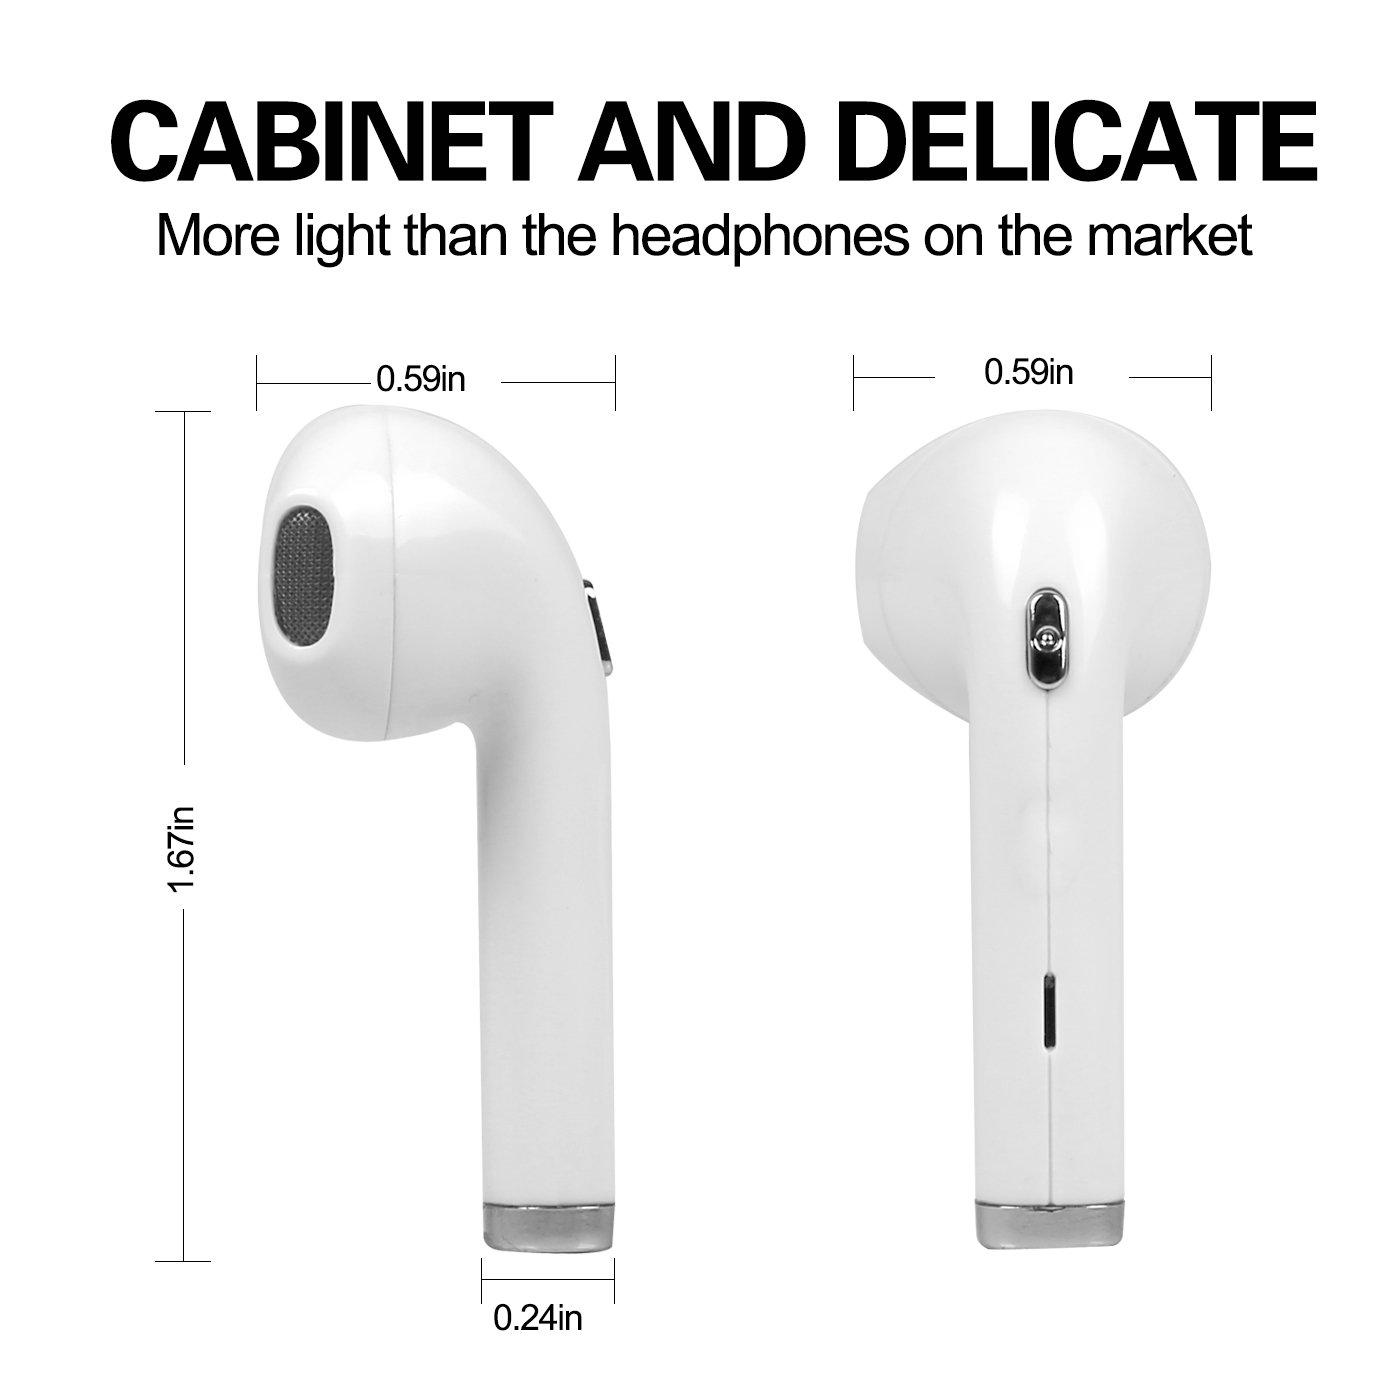 Auriculares inalámbricos,Globalcorona 1 auricular mini Bluetooth inalámbrico,manos libres inalámbricos con micrófono para iPhone 8 x 7 6, Samsung,Huawei ...